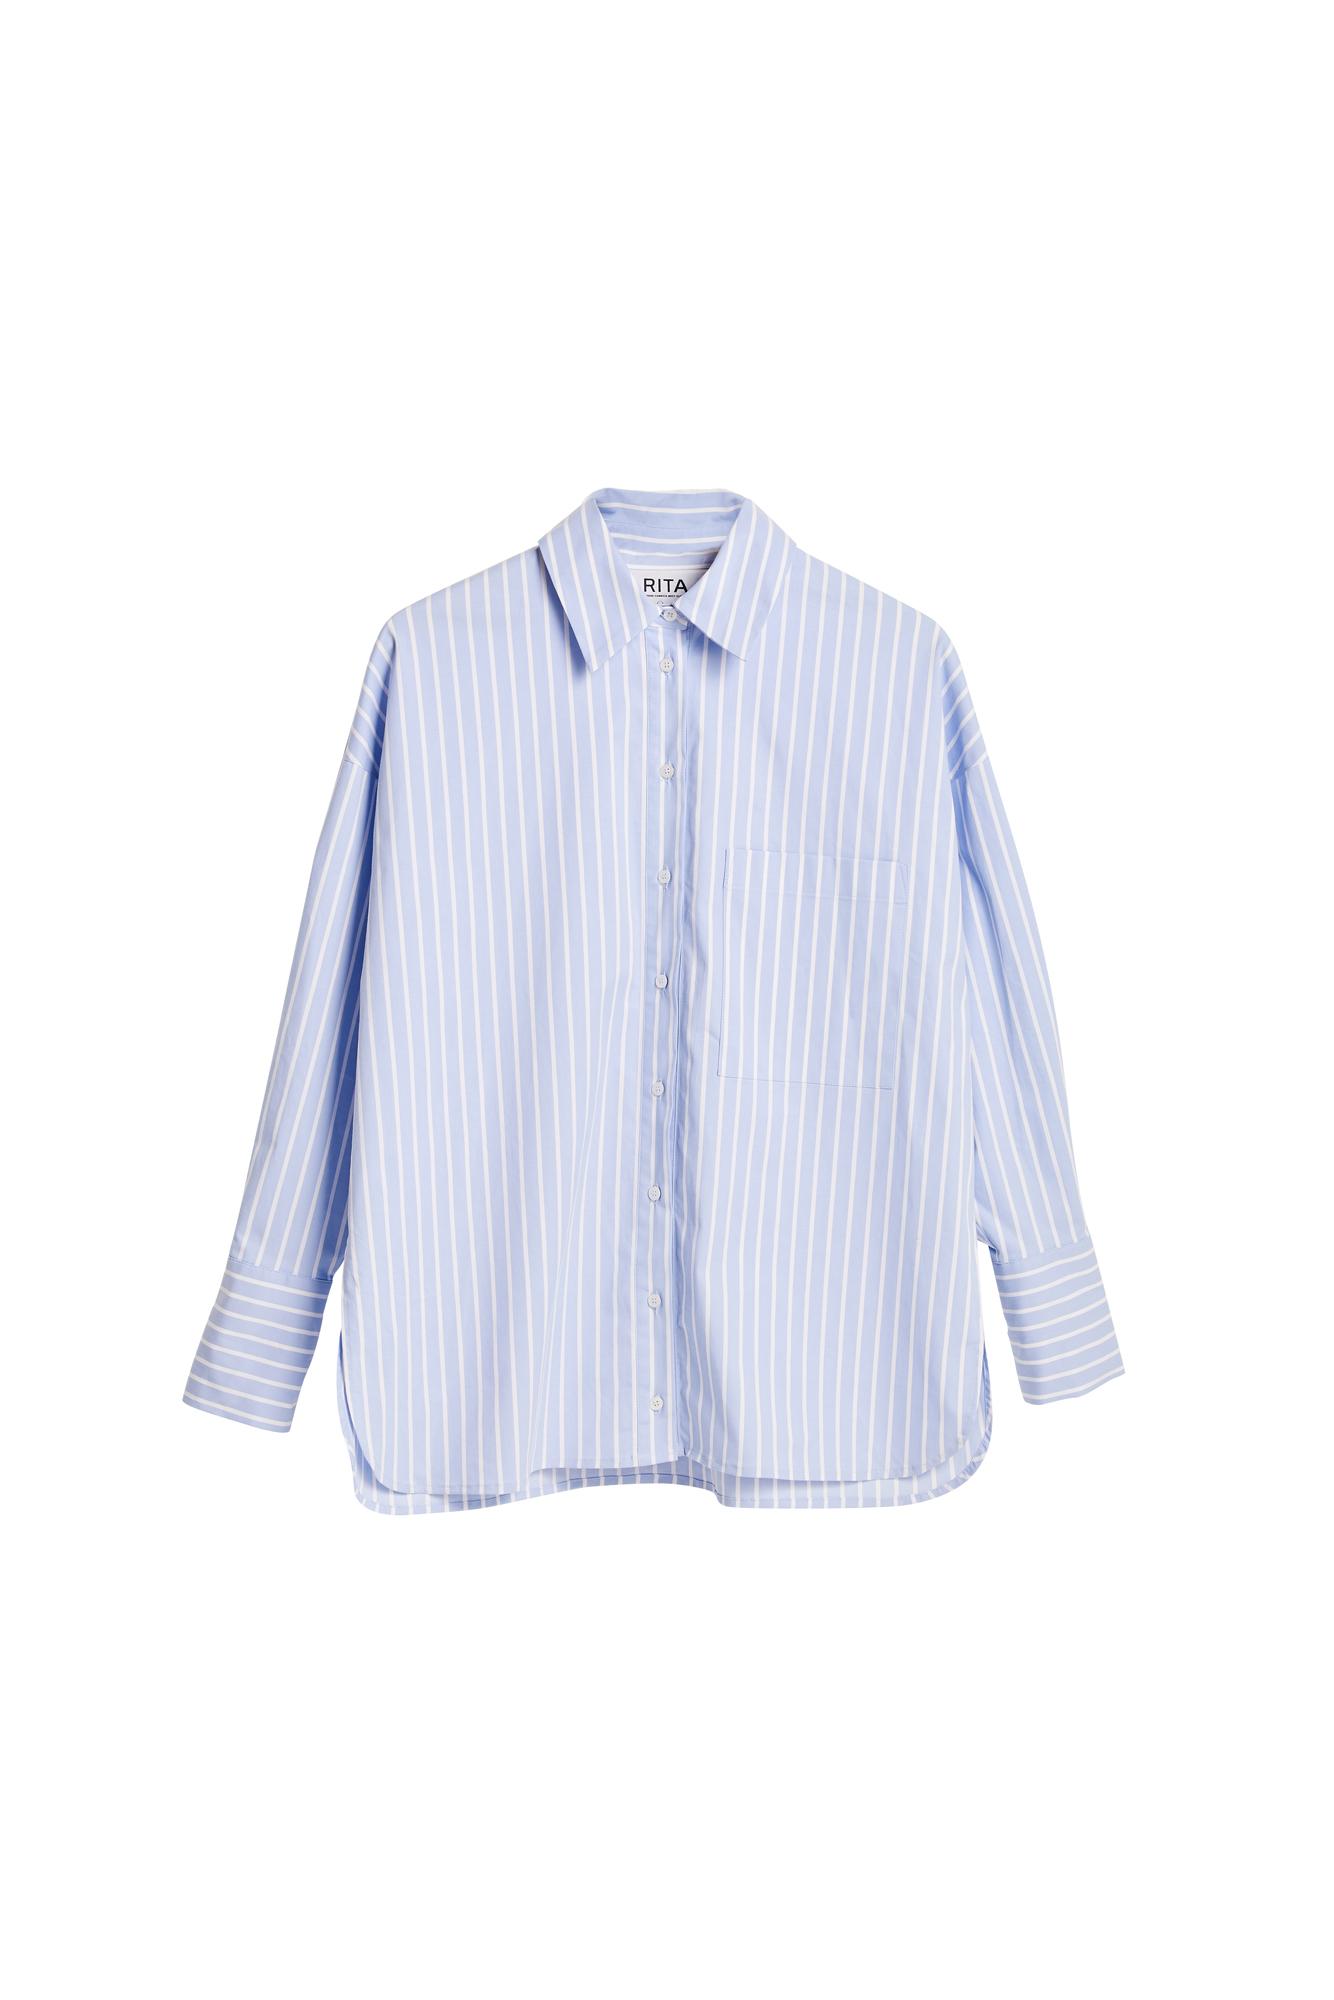 Camisa de Rita